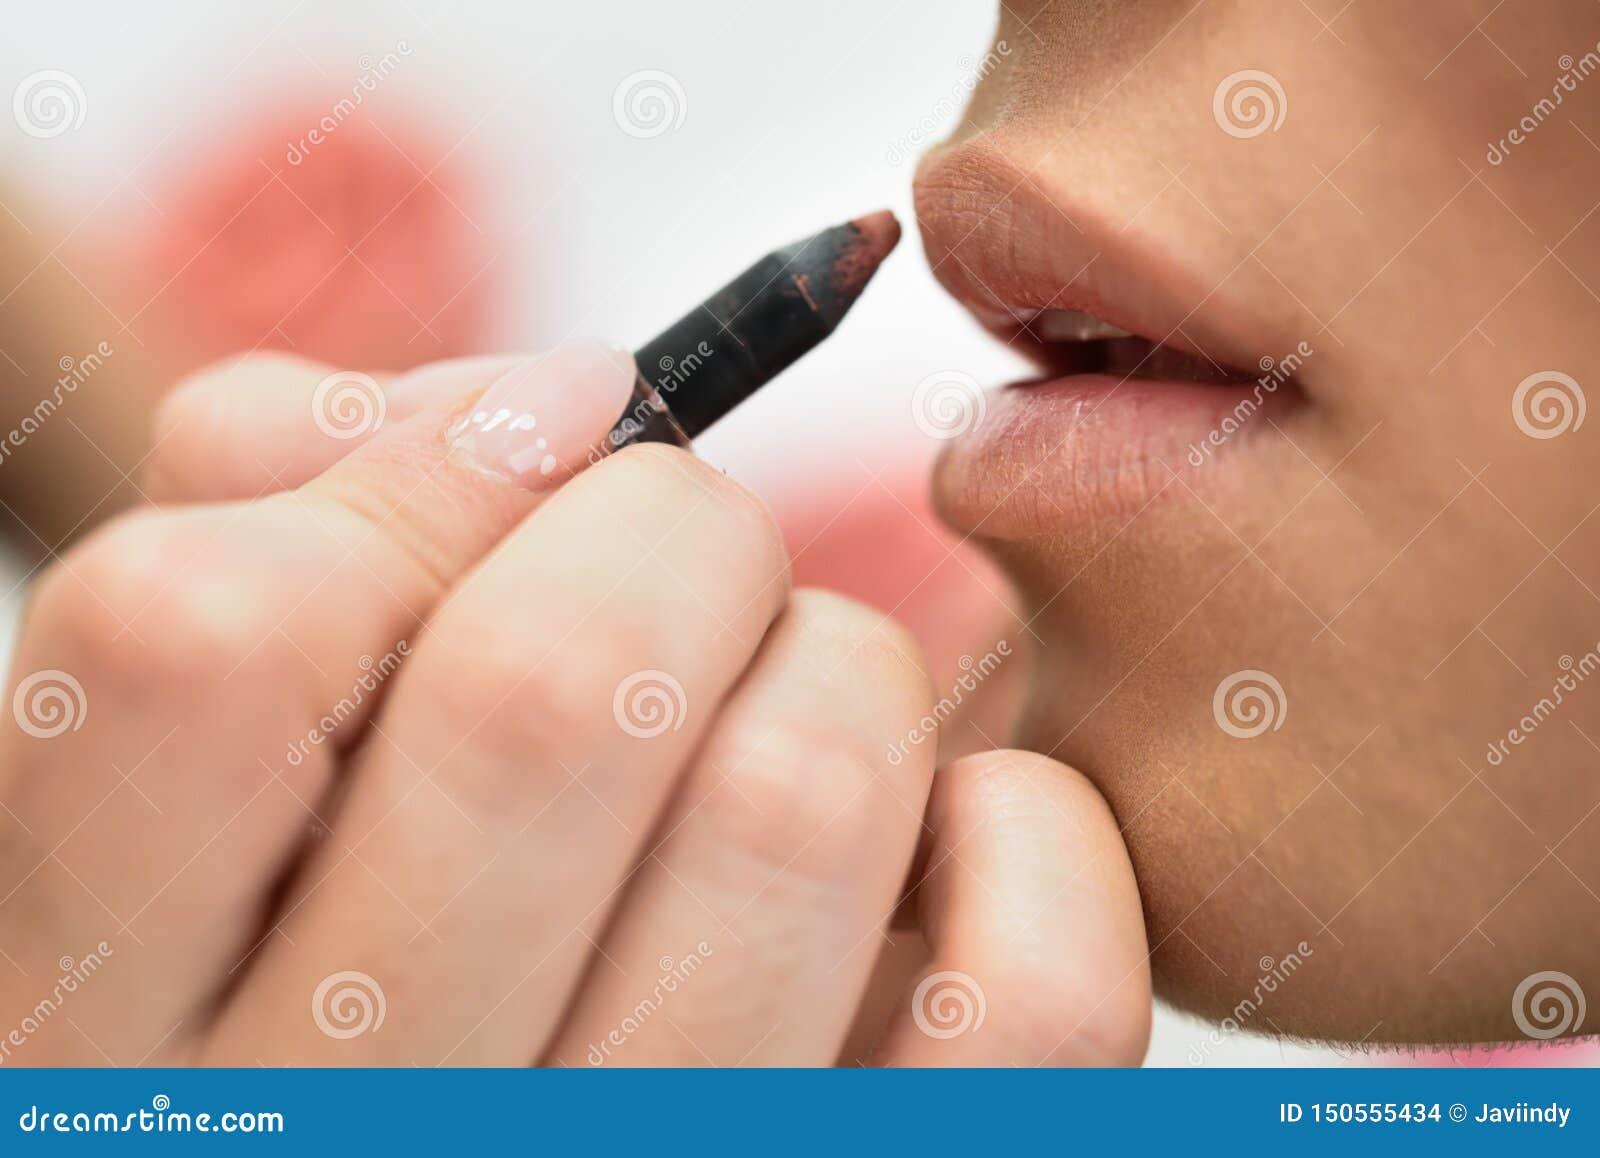 Artista de maquillaje que compone los labios de una mujer joven africana